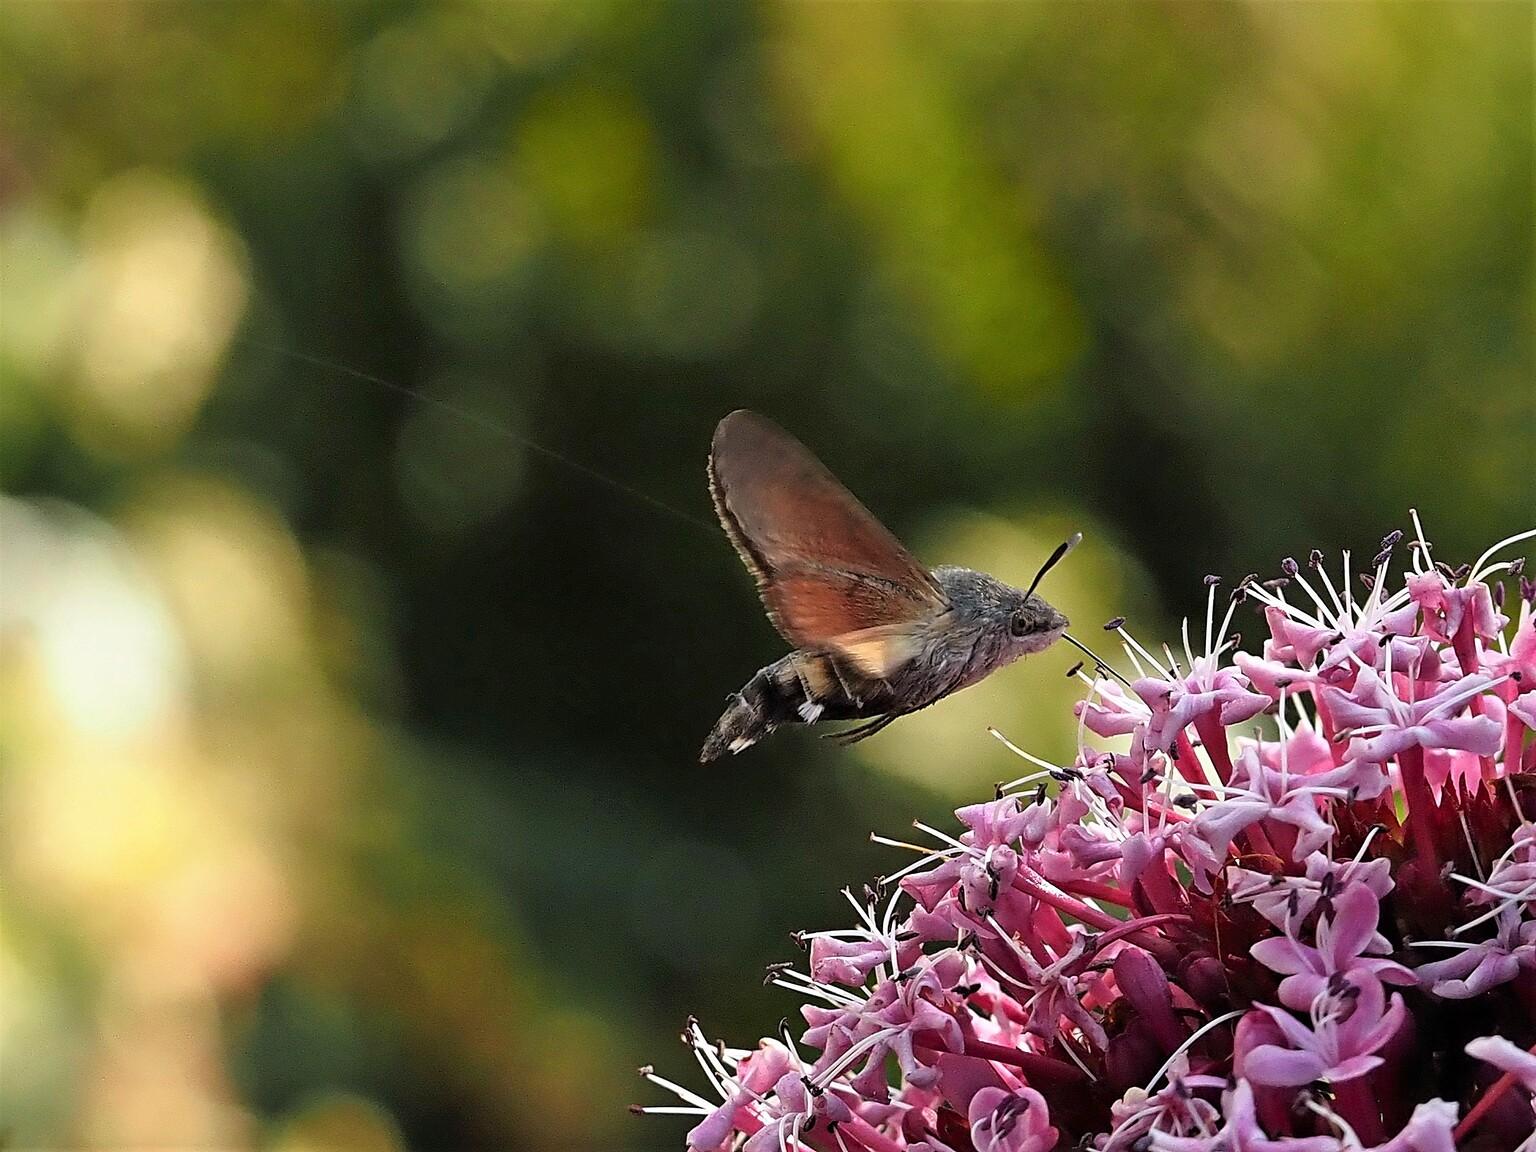 kolibrievlinder snoepend van de pindakaasplant - De Pindakaasplant trekt veel insecten aan, waaronder ook de kolibrievlinder... - foto door bernadette-willemsen op 10-04-2021 - locatie: Duiven, Nederland - deze foto bevat: vlinder, smetterling, natuur, insect, nectar, tuin, pindakaasplant, kolibrievlinder, bloem, fabriek, bestuiver, insect, geleedpotigen, vlinder, motten en vlinders, bloemblaadje, bloeiende plant, vleugel